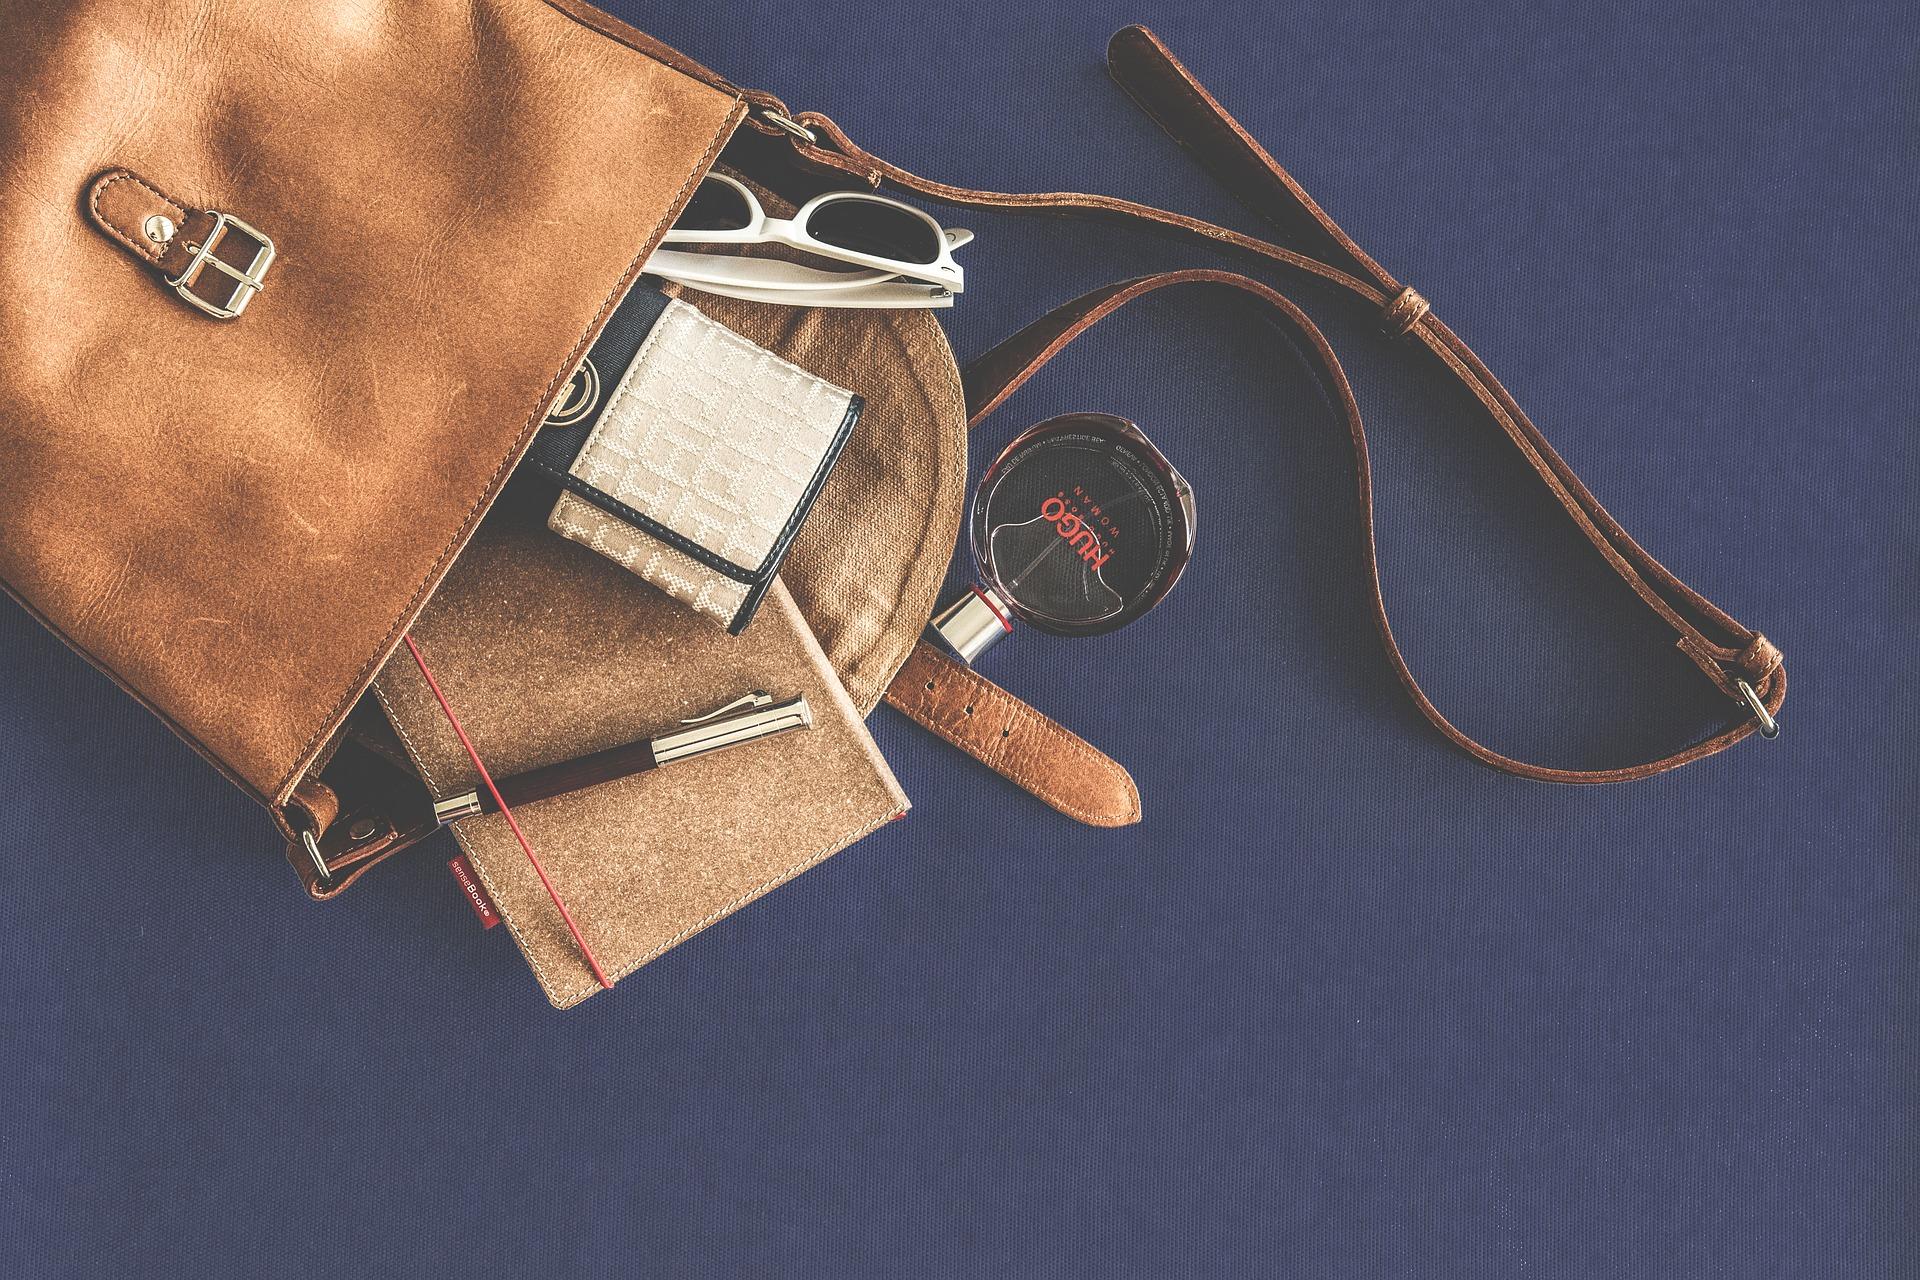 【転職面接】バッグ選びのポイントと面接に向かないNGバッグとは?の画像5